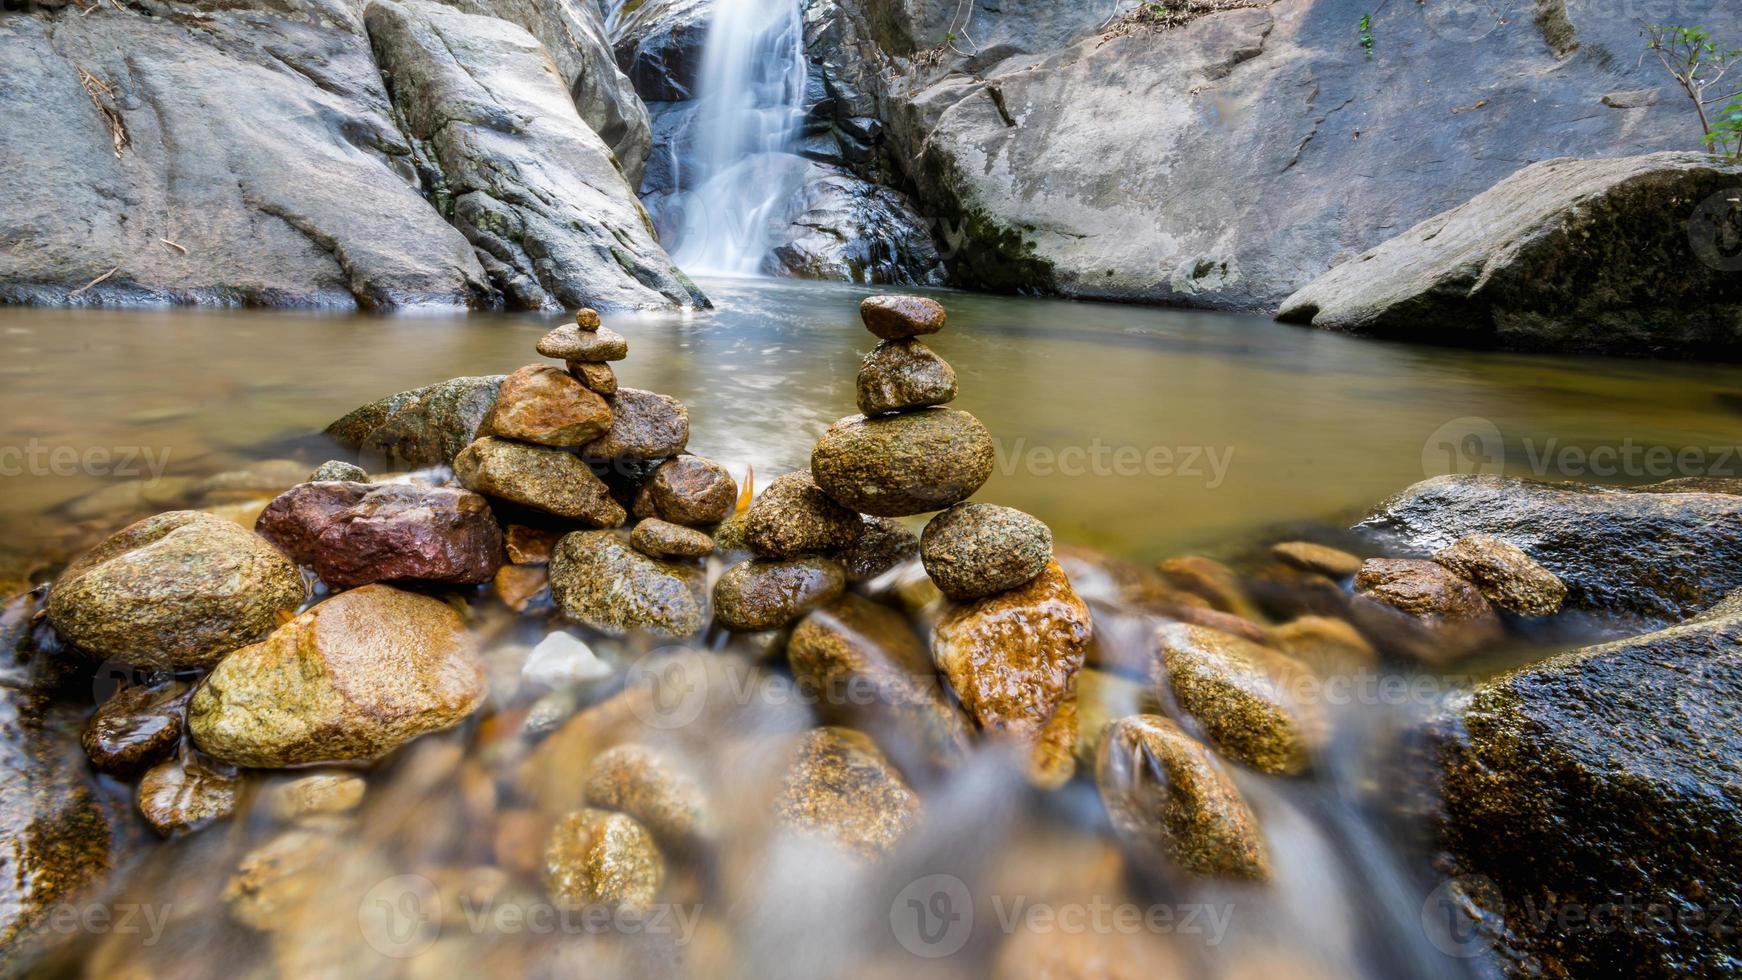 cascata profonda della foresta alla cascata di Kaew Kaew, Chiang Rai, Tailandia foto